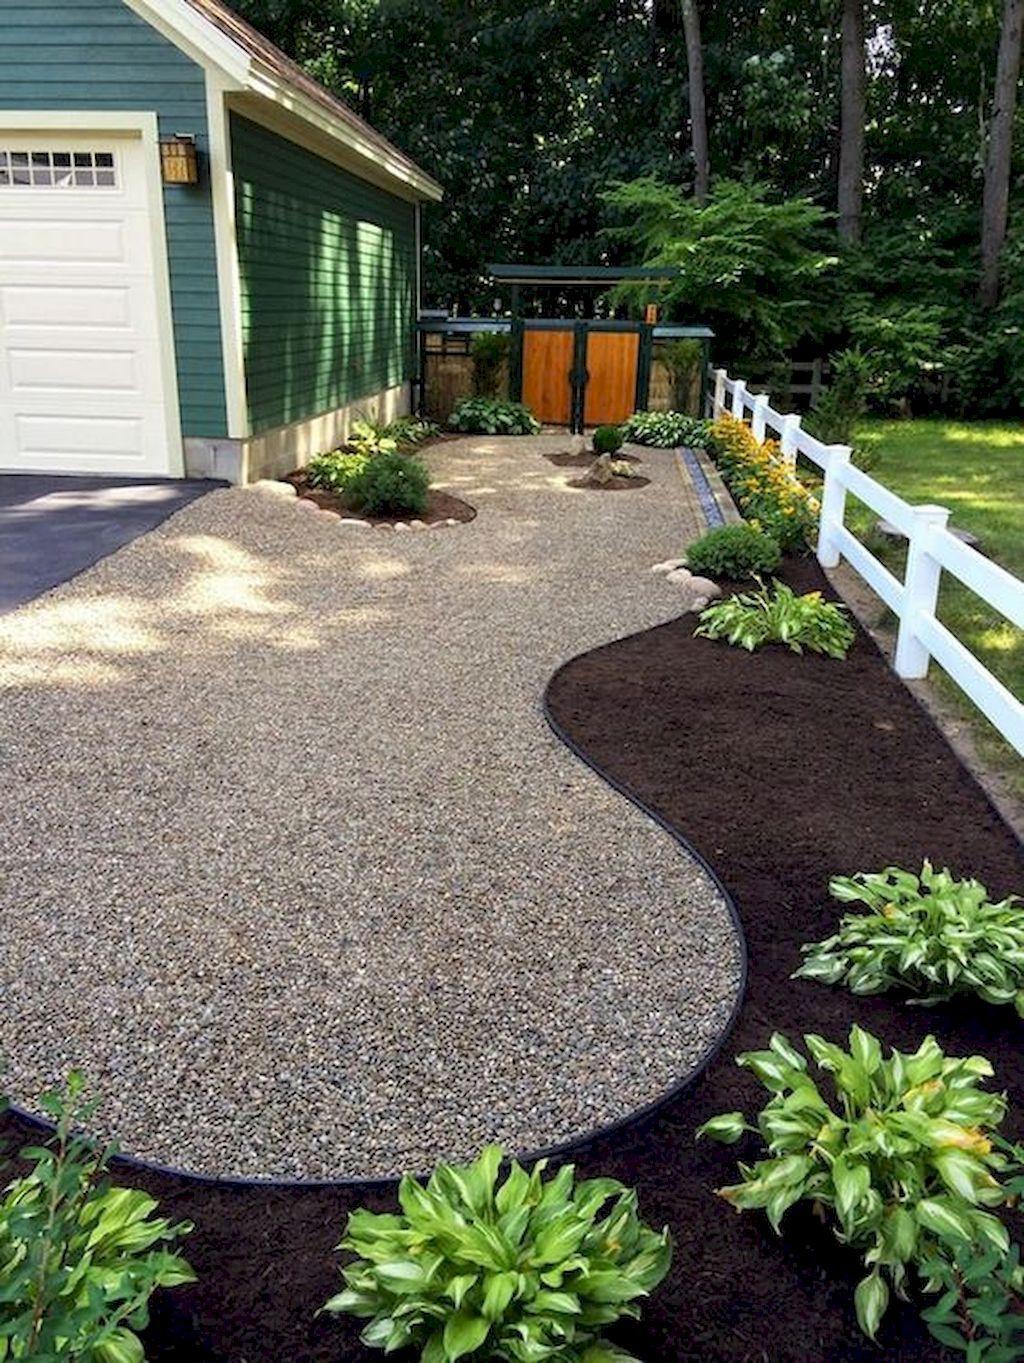 Désert Magnifique Jardin Paysager D'idées Pour La Maison ... dedans Petit Jardin Paysager